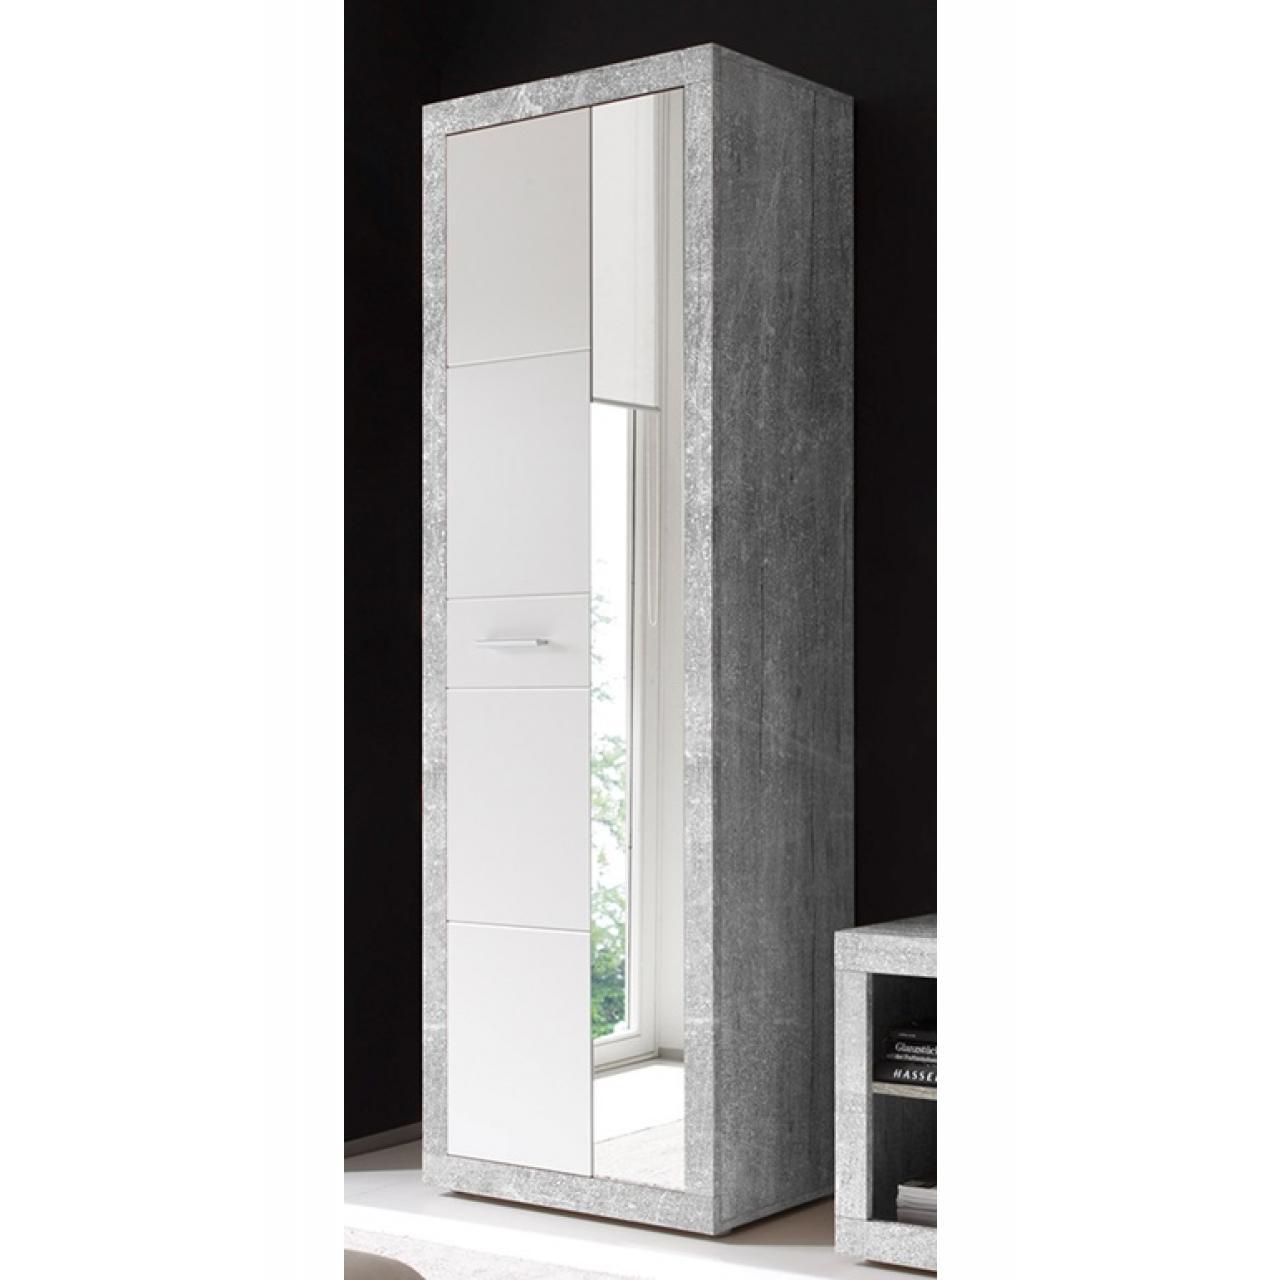 Garderobenschrank Stone, Schrank, Garderobe, Spiegel, Beton, Weiß, 2-Türig